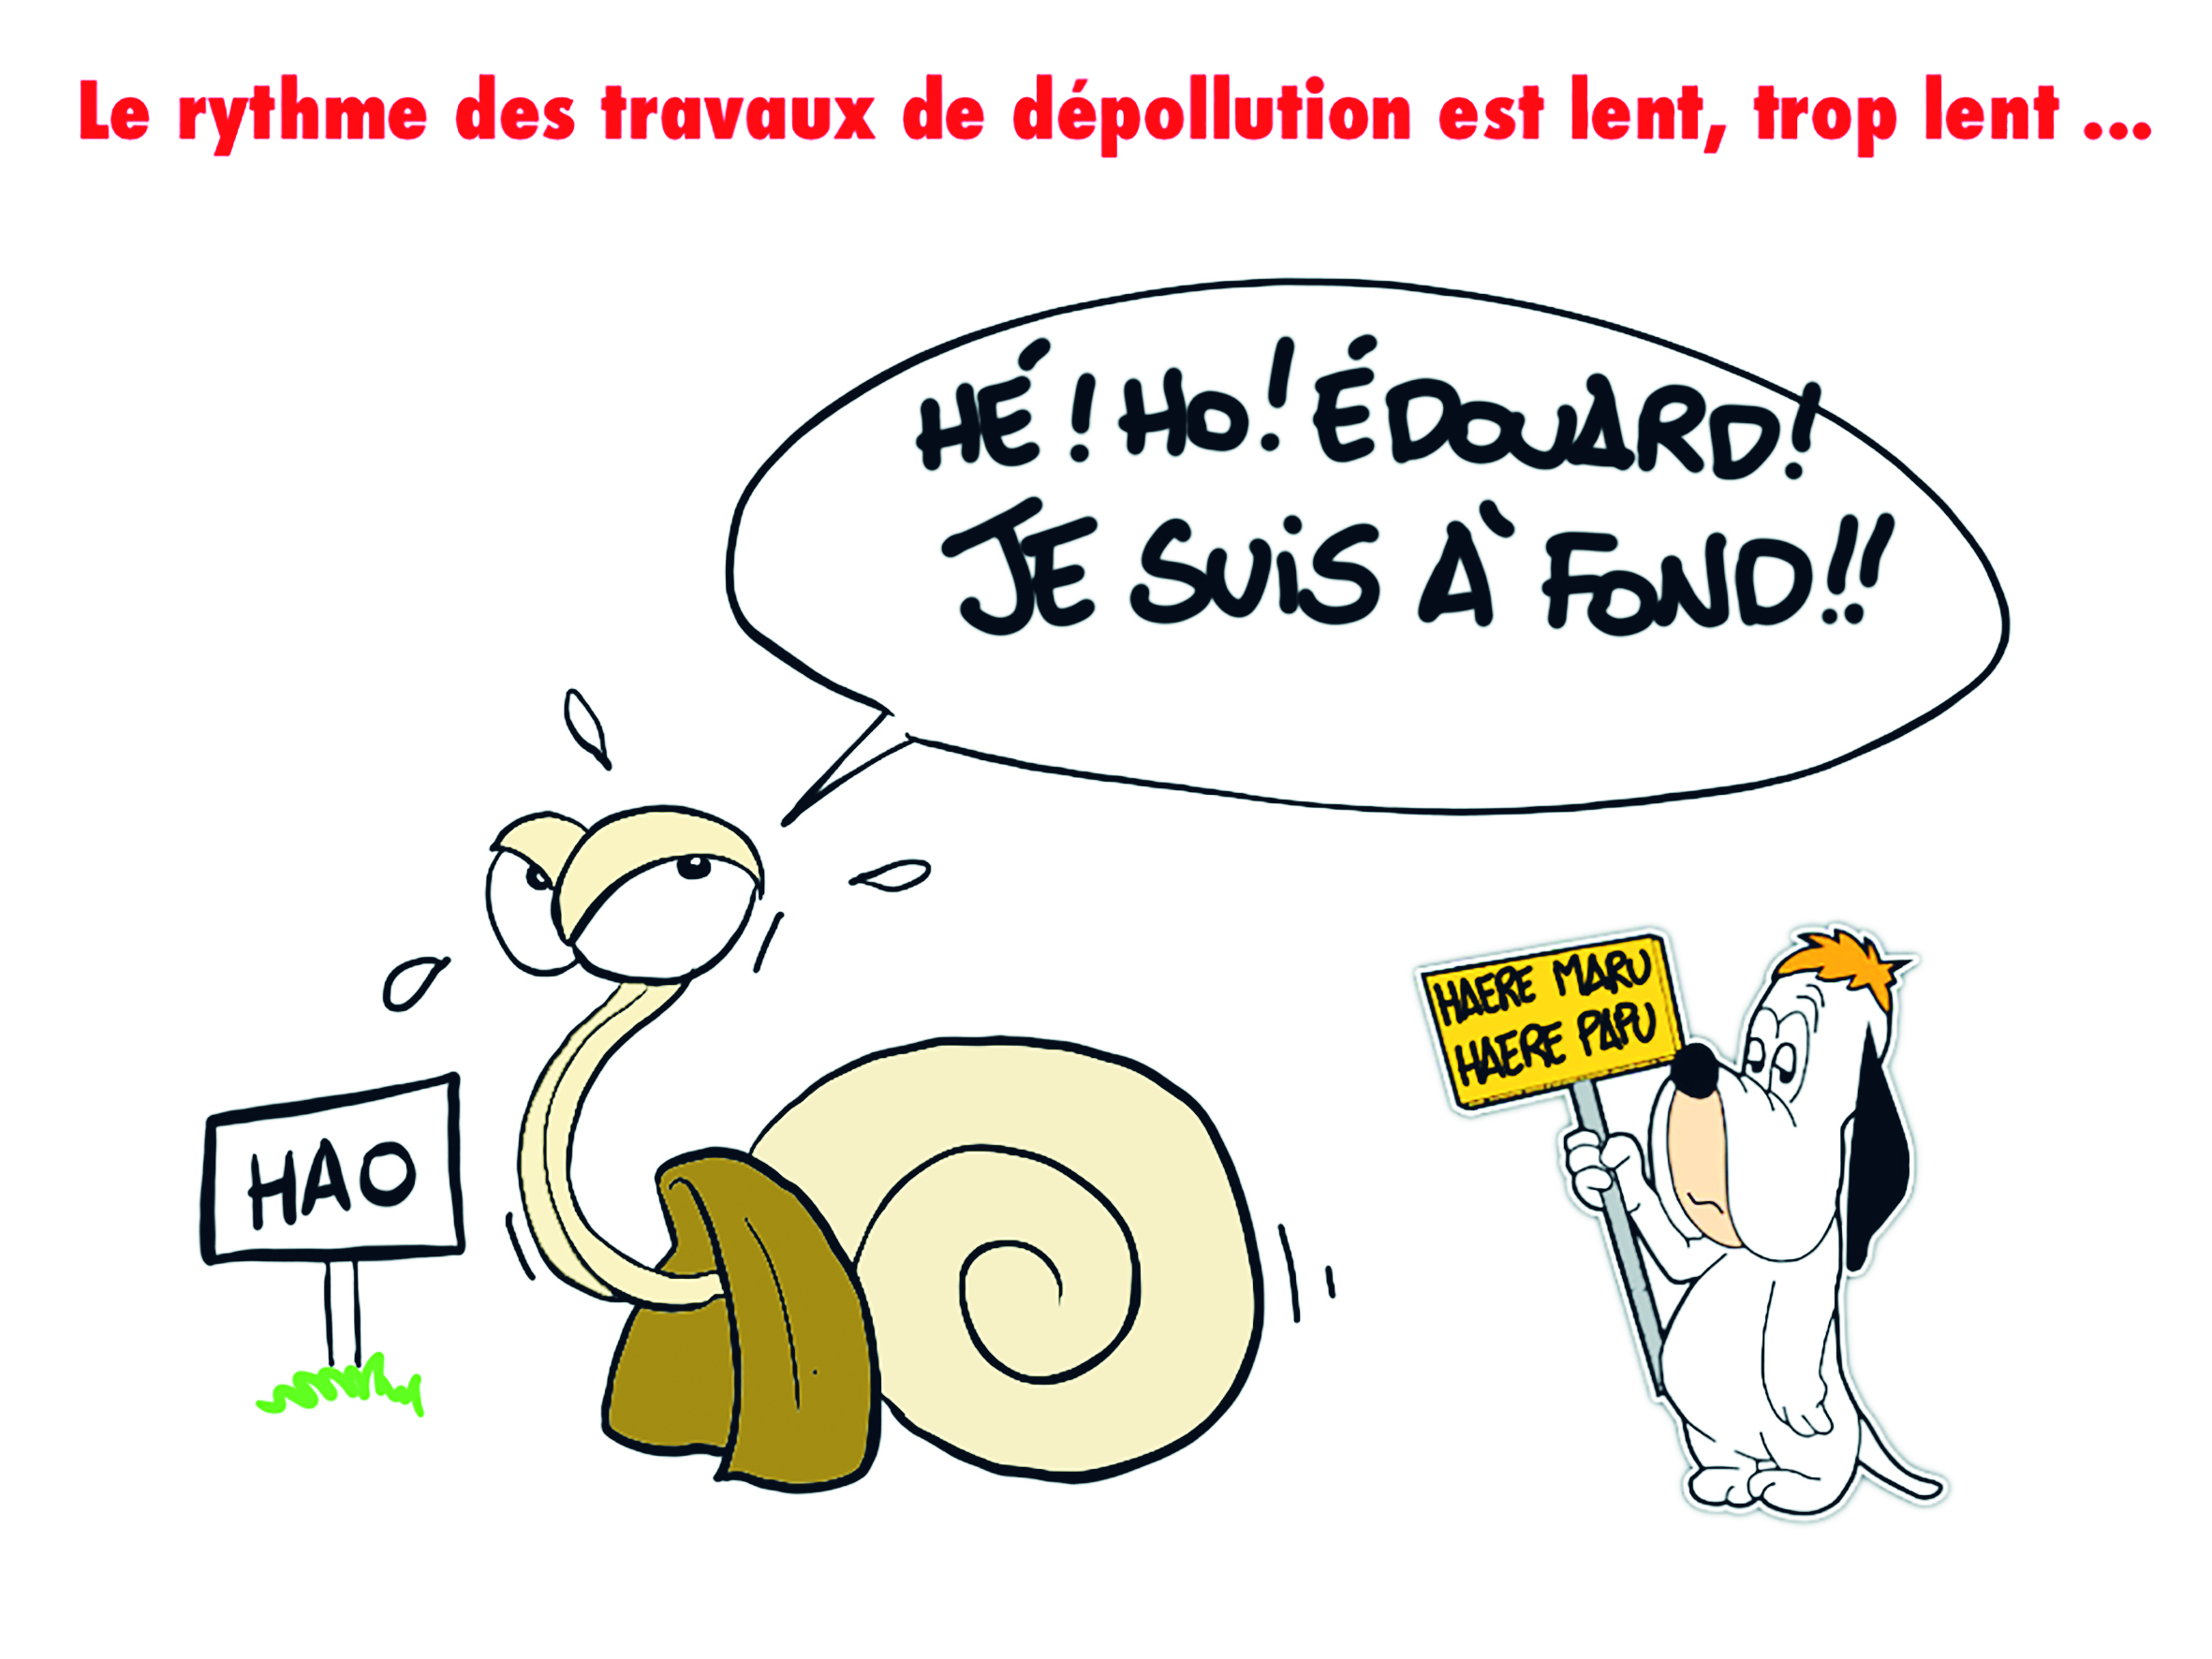 """"""" Hao : Le rythme des travaux de dépollution trop lent """" par Munoz"""